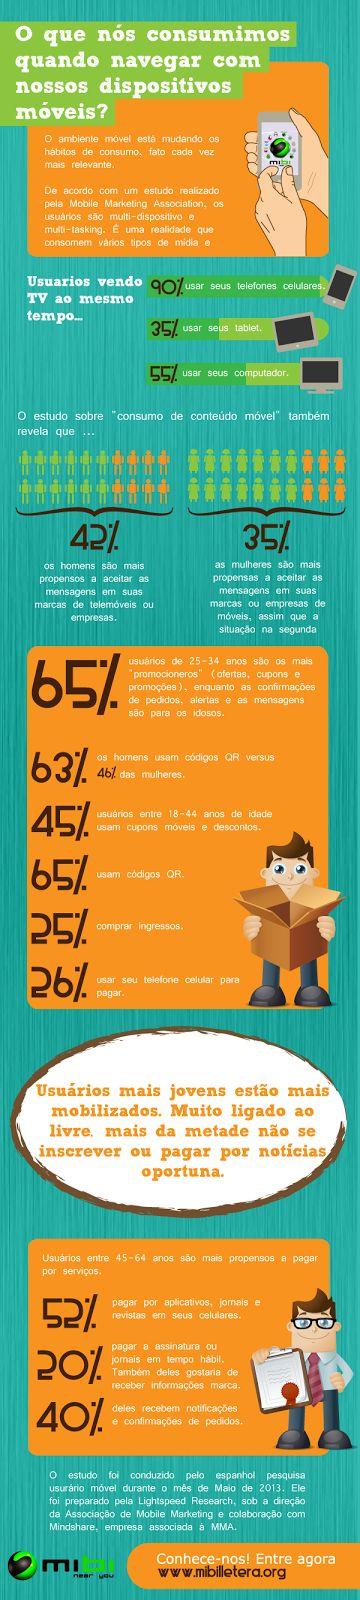 O que nós consumimos quando navegar com nossos dispositivos móveis? 90% das pessoas usam o celular enquanto assistem TV.